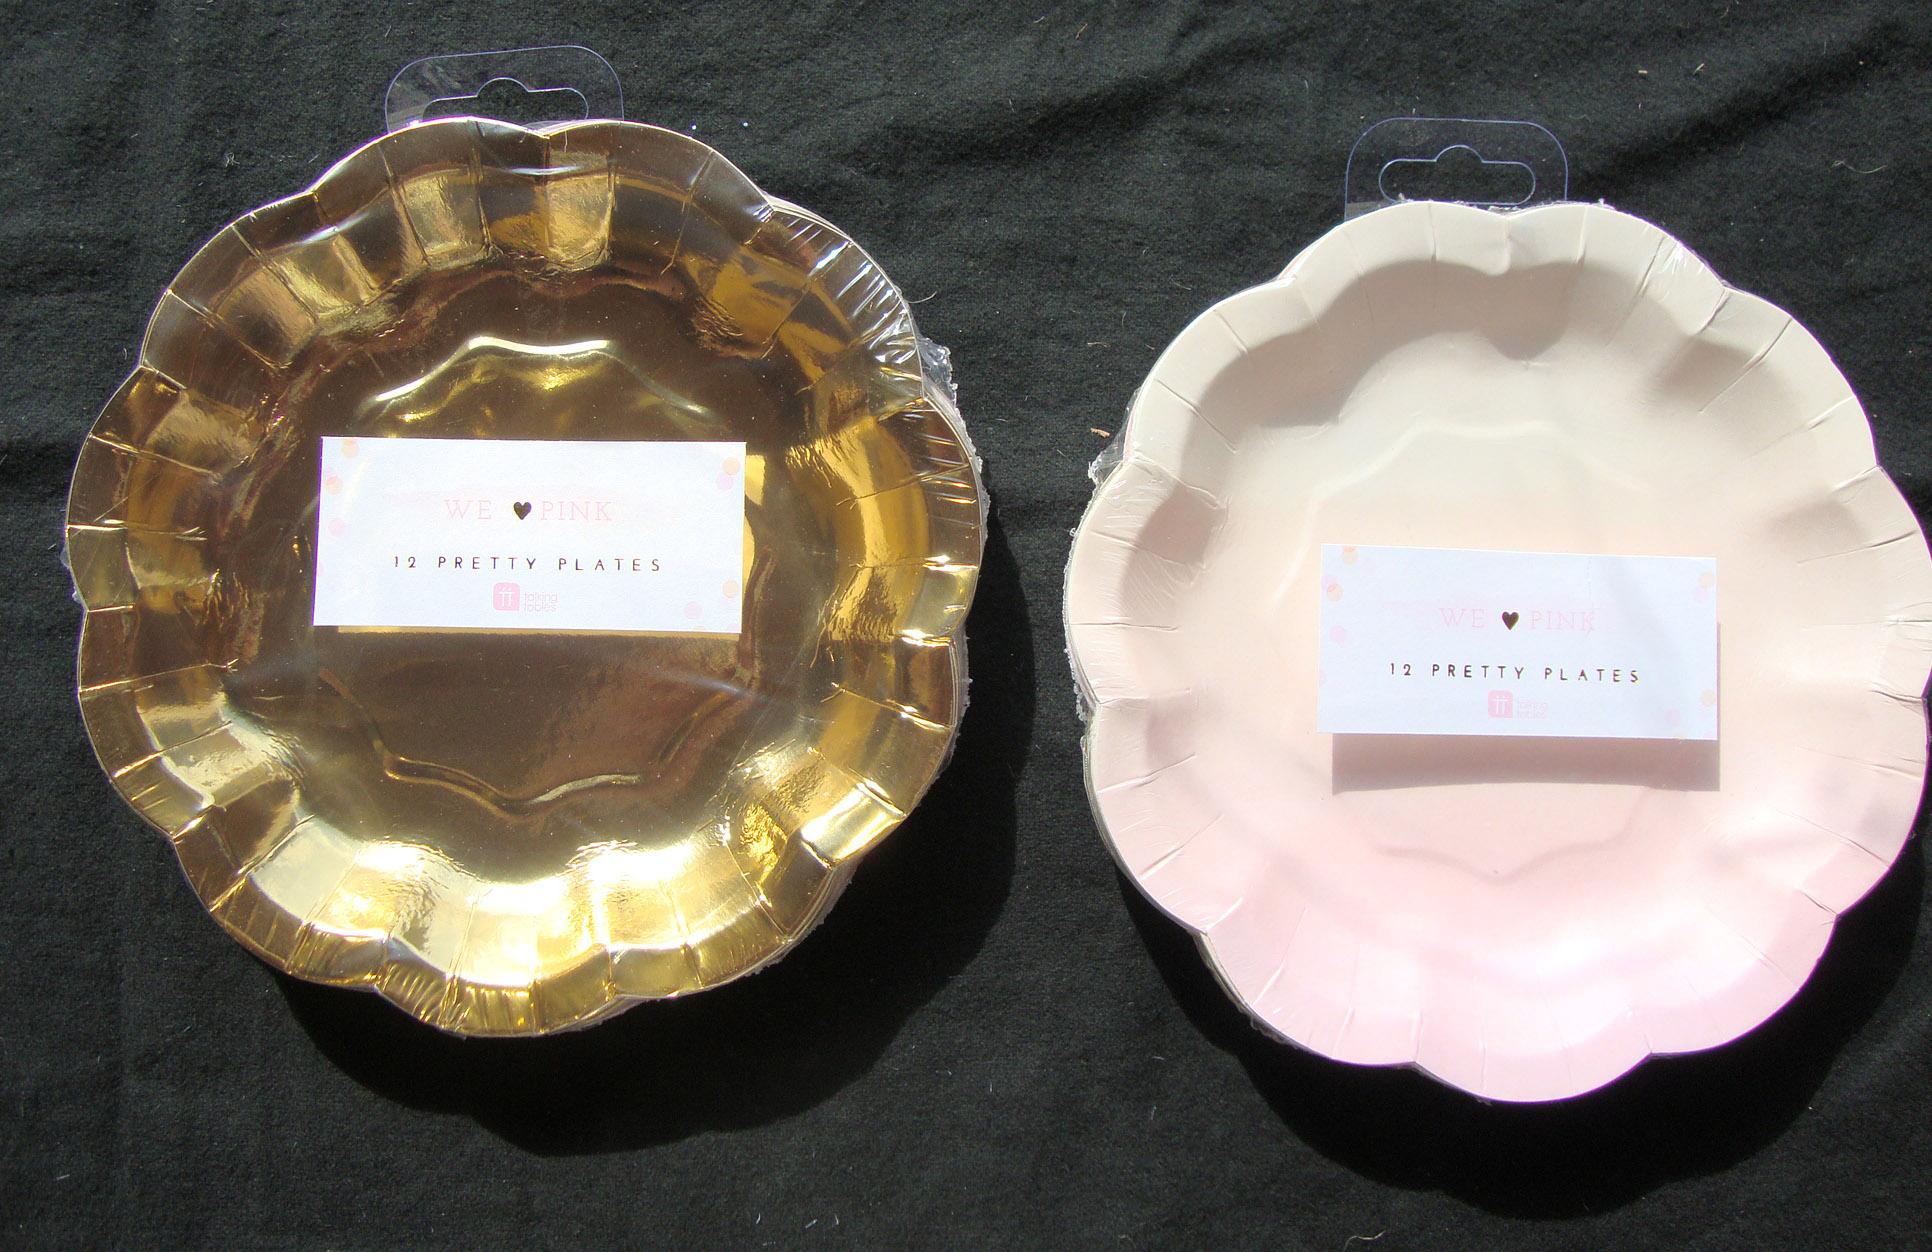 Piatti Di Carta Battesimo : Piatti di carta battesimo piatti in carta il mio battesimo pezzi